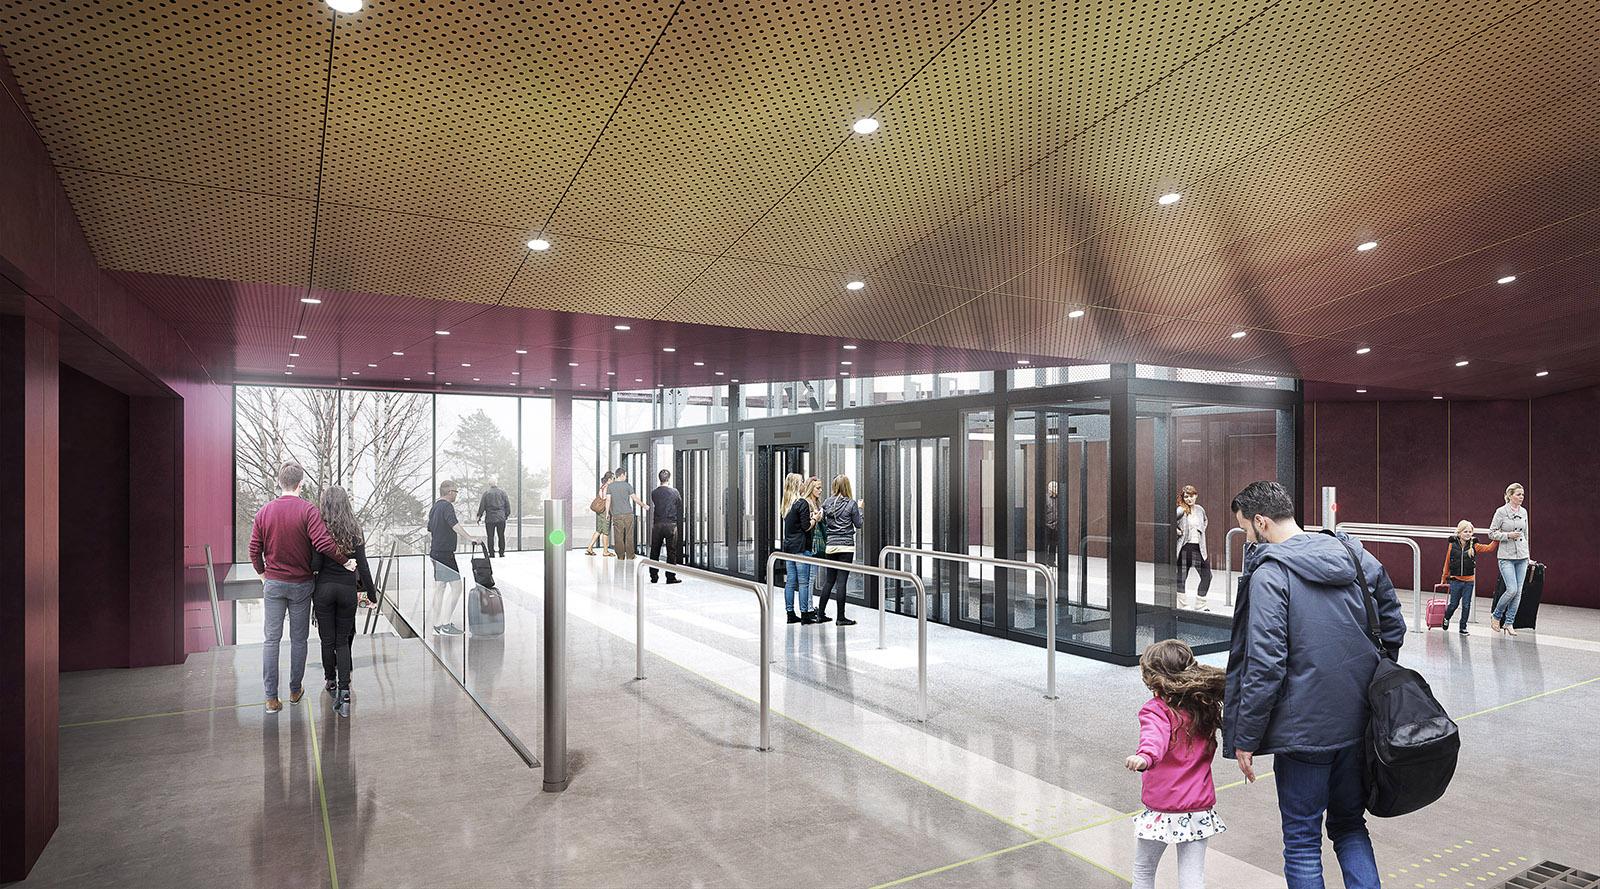 Havainnekuva Soukan metroaseman Soukantorin lippuaulasta, josta kulkeminen tapahtuu hisseillä.